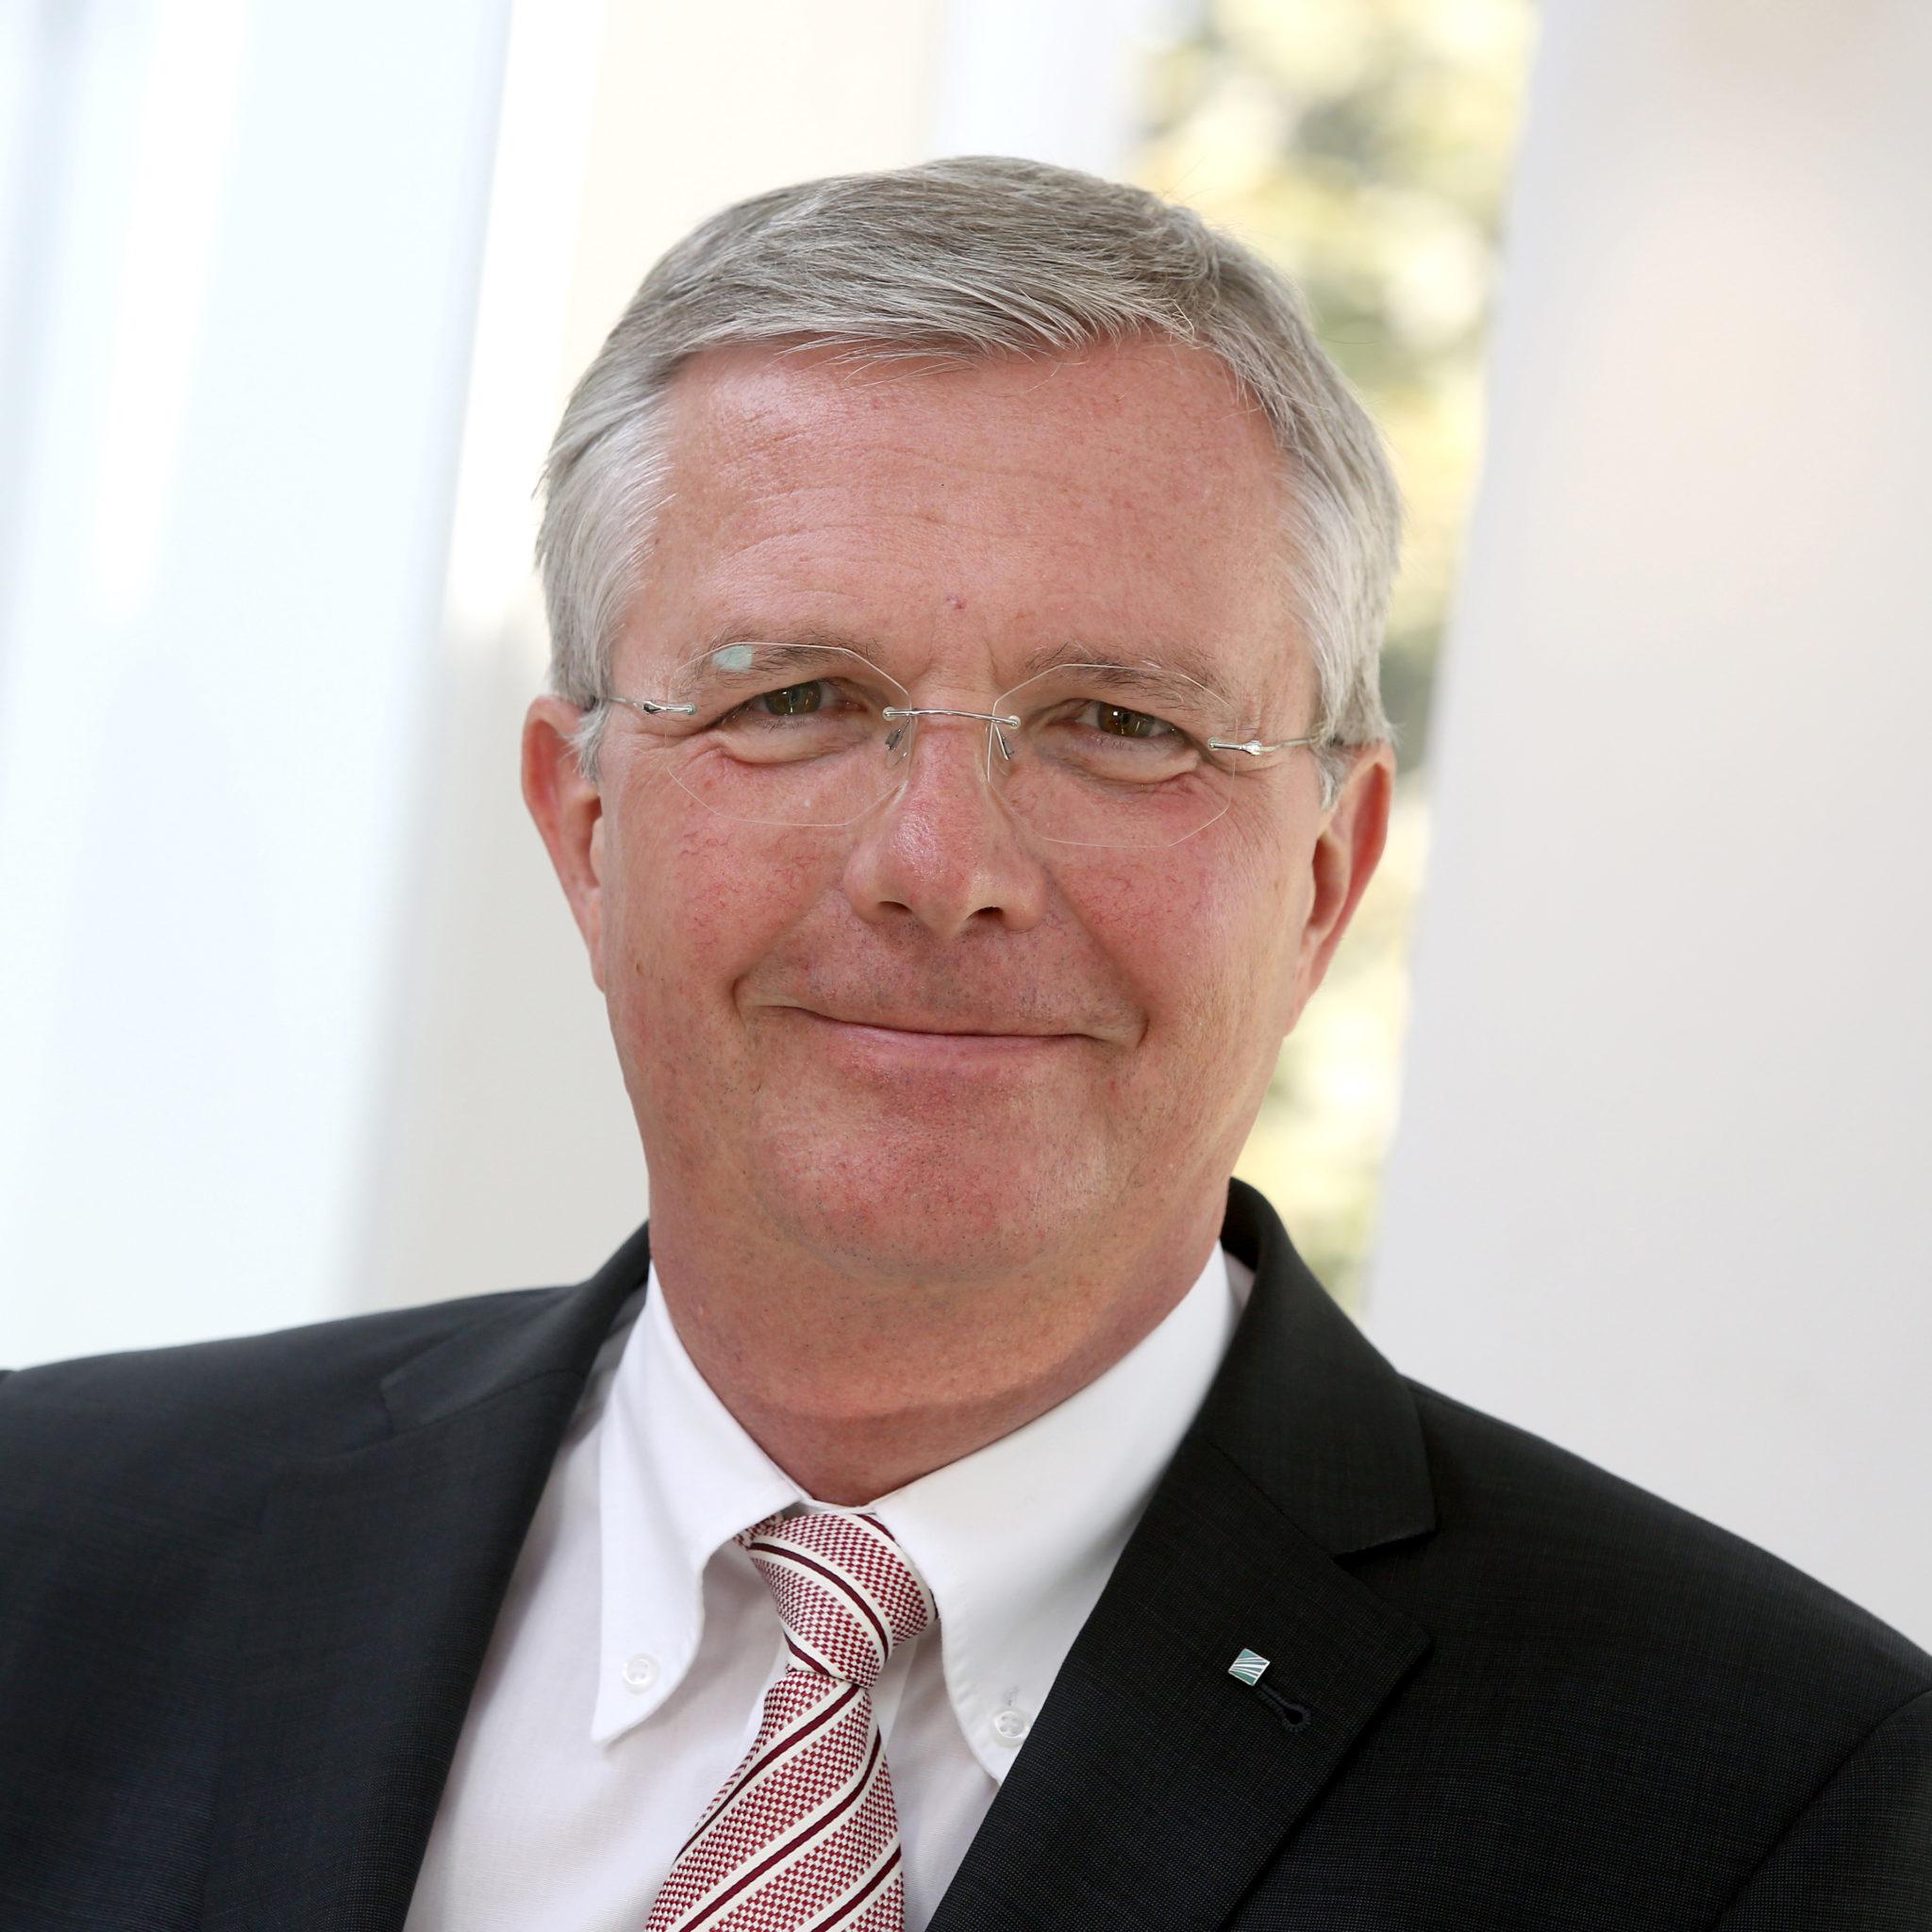 Portrait des Lehrstuhlinhabers